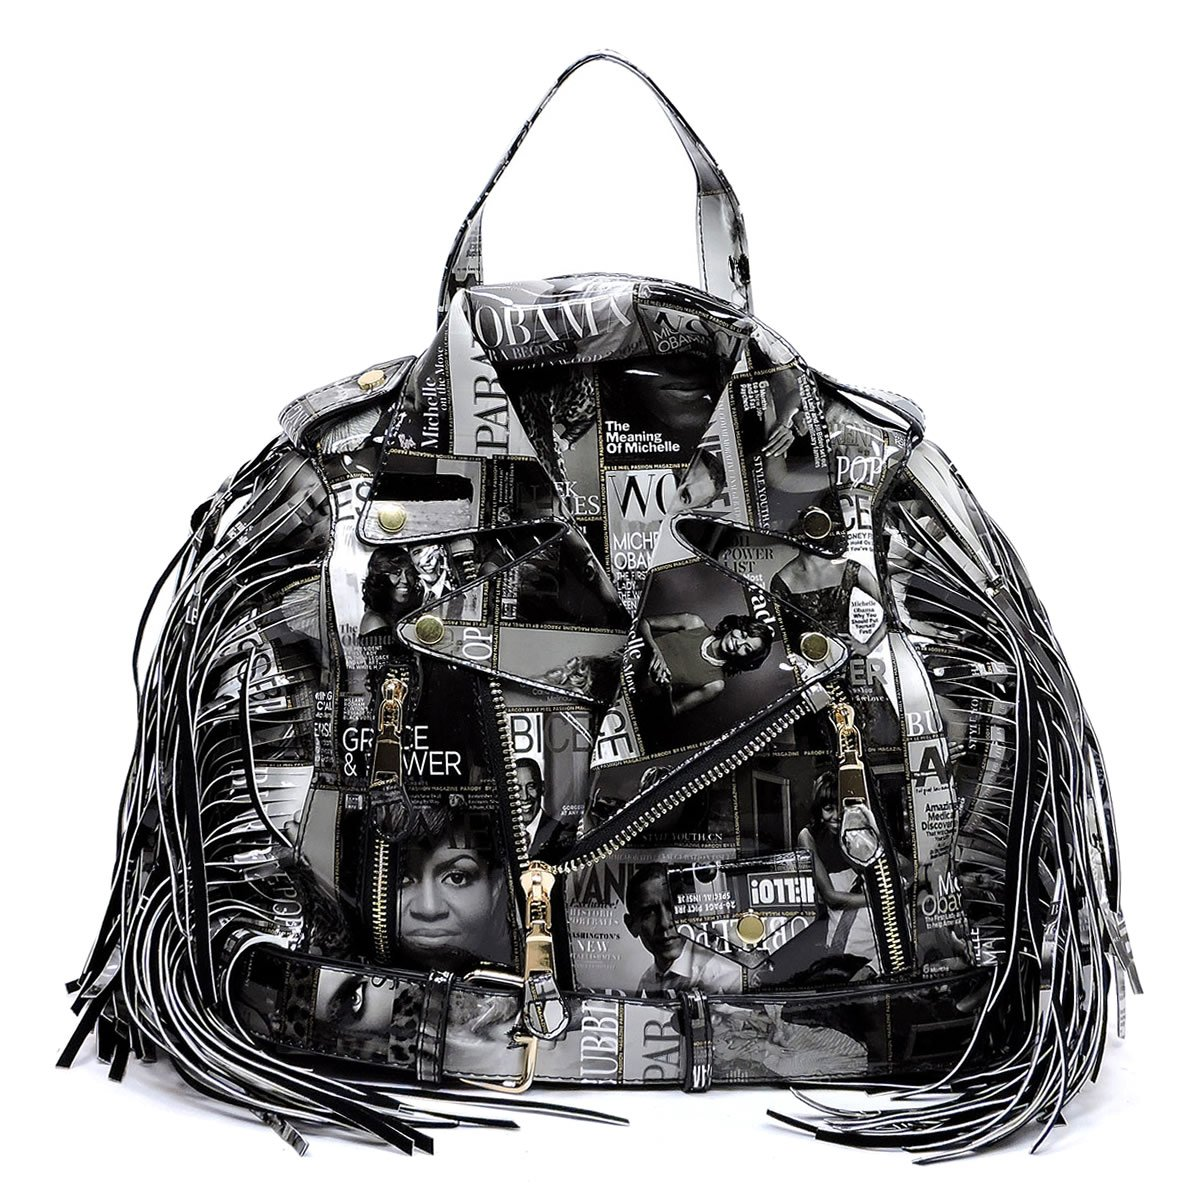 Glossy Magazine Cover Collage Motorcycle Jacket Fringe Backpack Michelle Obama Handbag (Black/White)